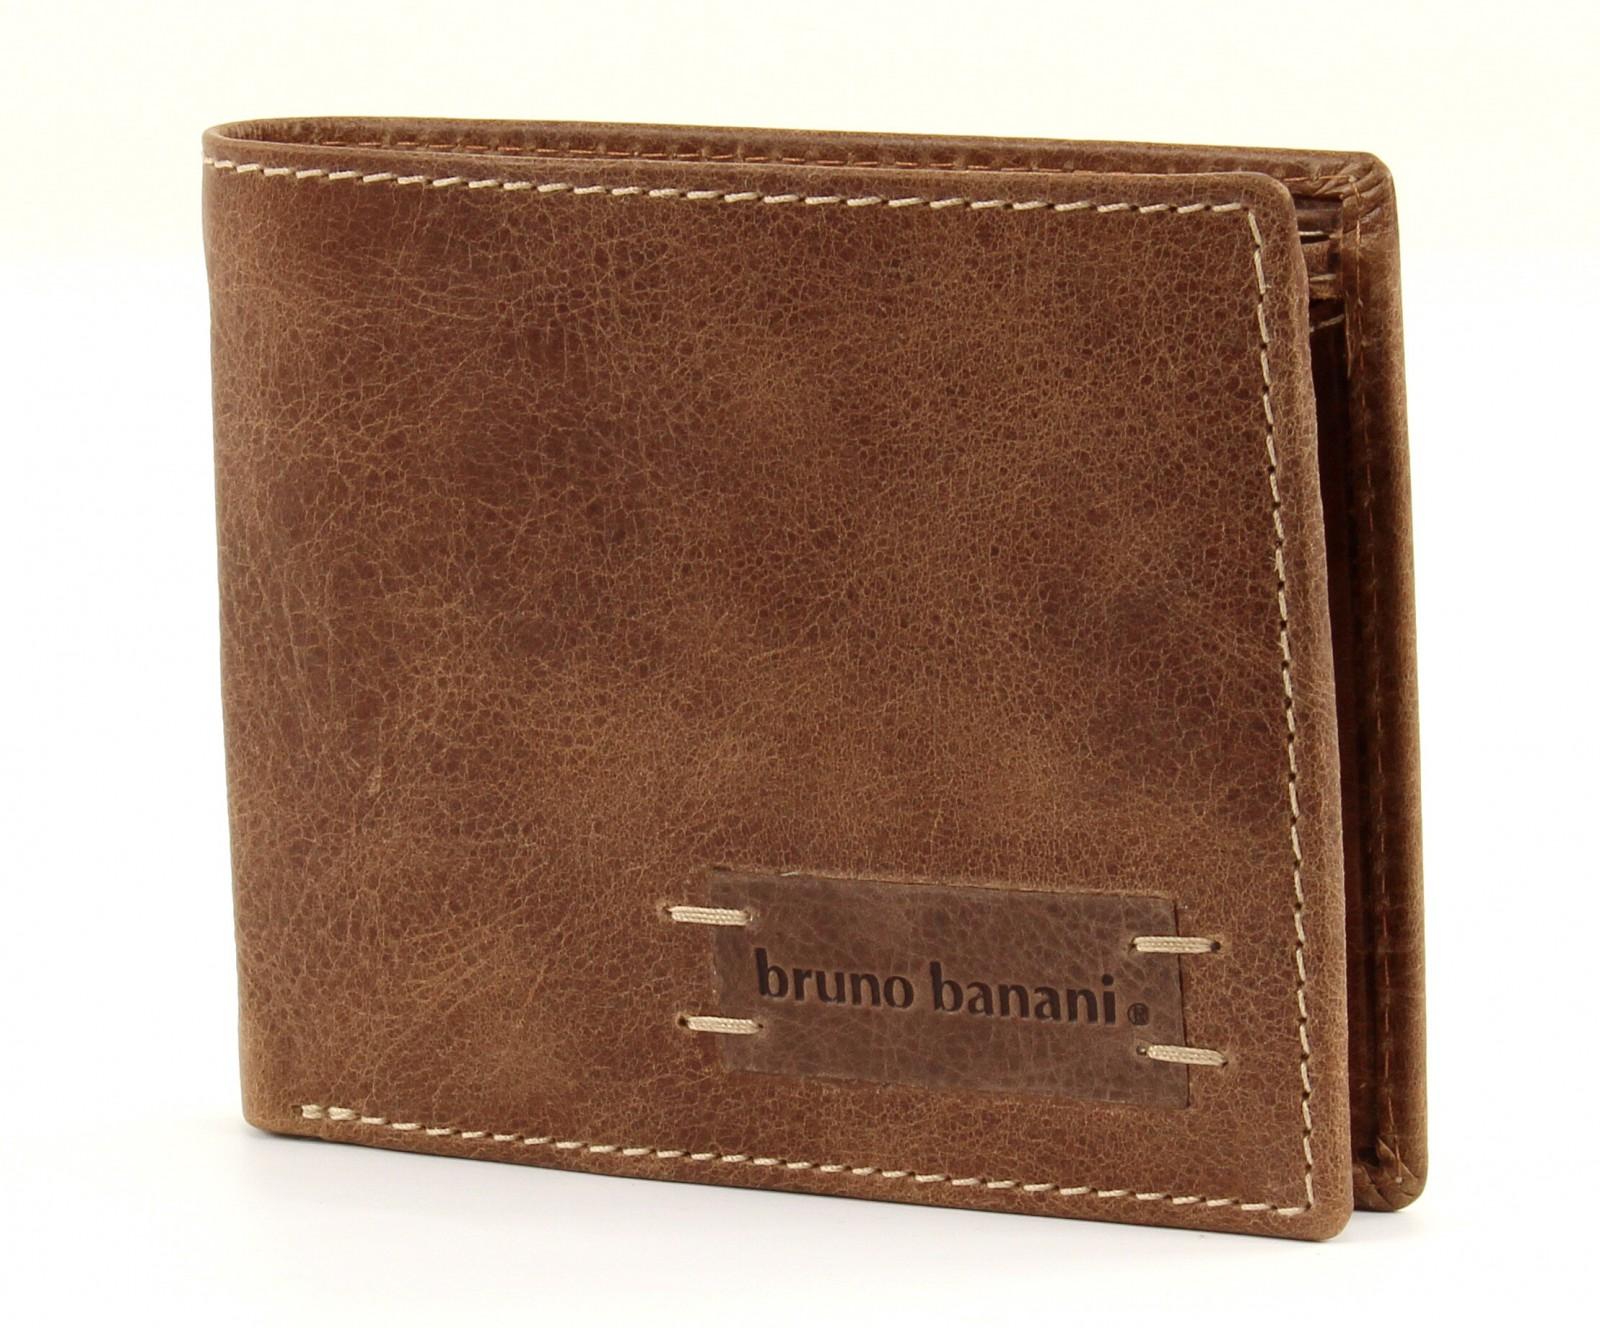 bruno banani Vista Slim Wallet Quer Cognac / Brown